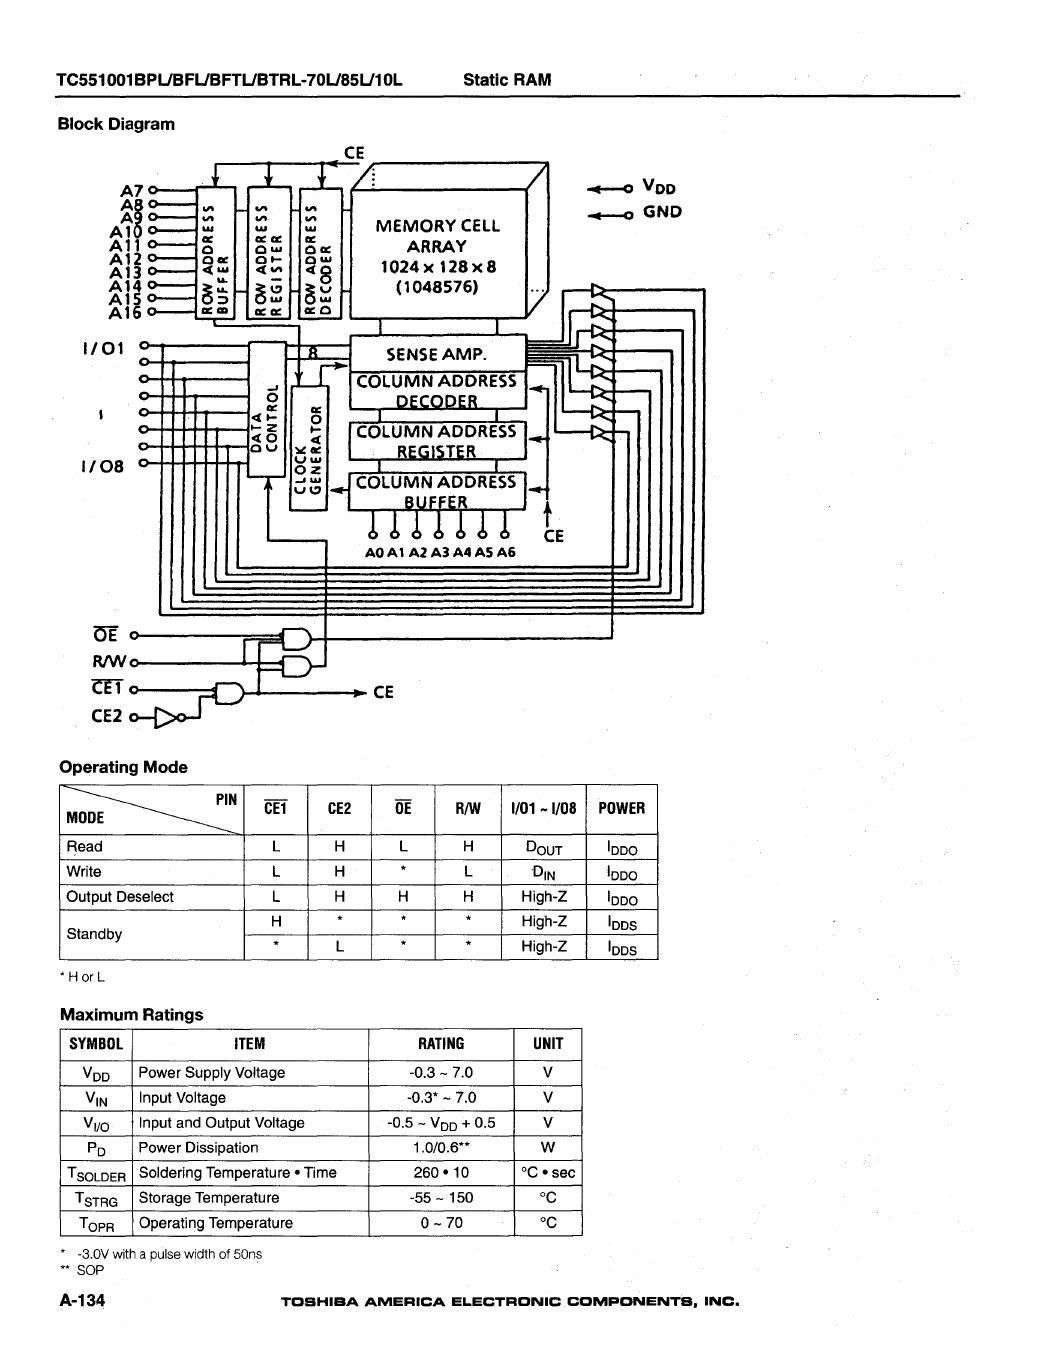 tc551001bftl-85l datasheet pdf   pinout